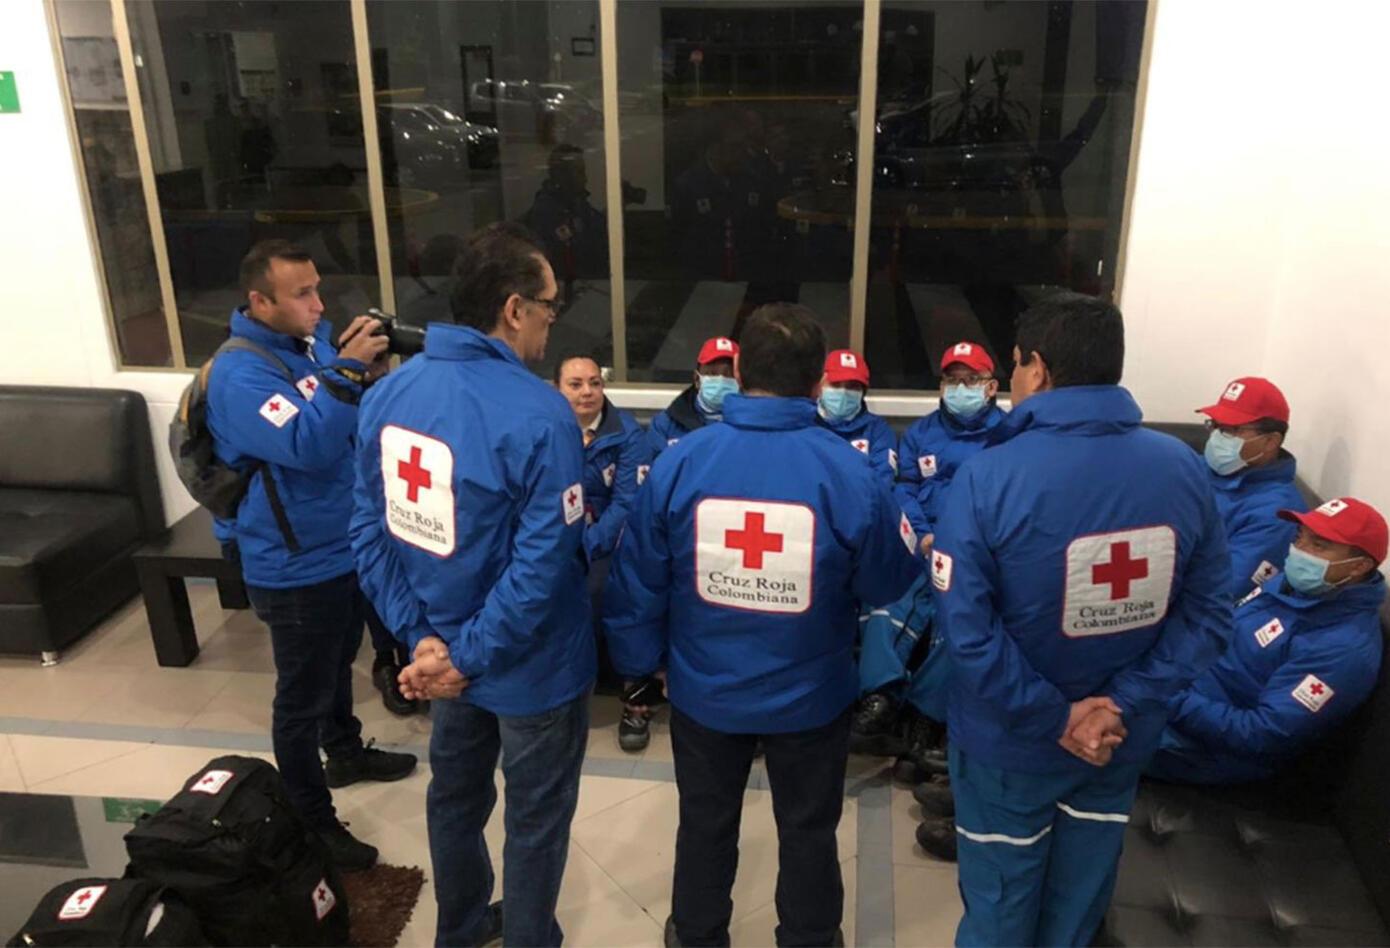 En el avión van un total de 18 tripulantes; 11 integrantes de la Fuerza Aérea Colombiana (FAC) y siete personas que hacen parte del personal médico del Instituto Nacional de Salud y la Cruz Roja Colombiana.